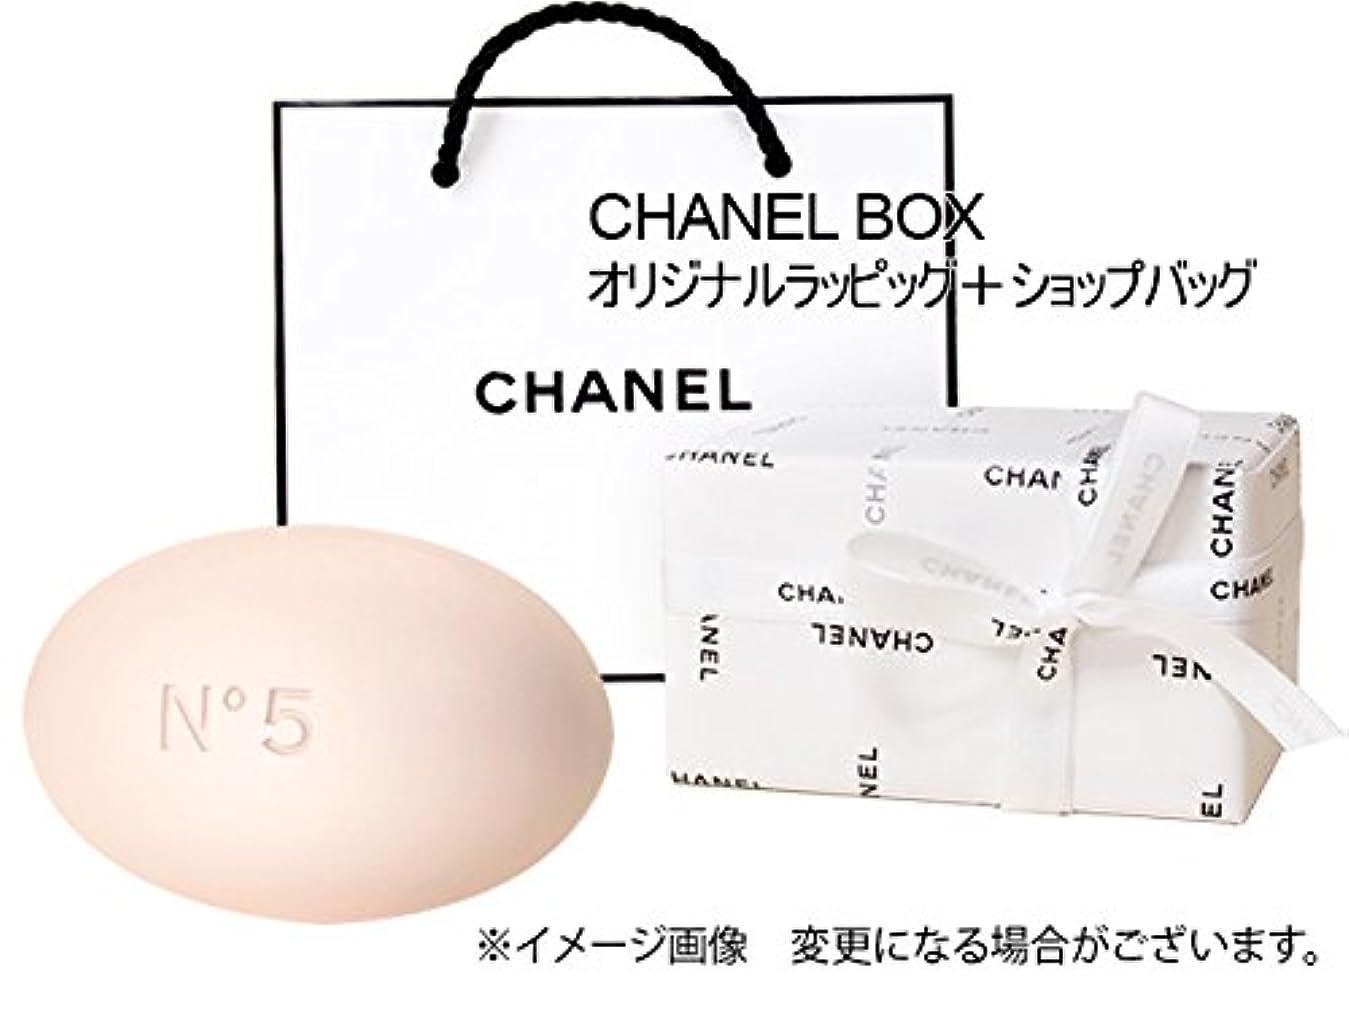 実現可能マトリックス通信するシャネル(CHANEL) N°5 サヴォン 150g CHANEL BOX オリジナルラッピング+ショップバッグ[並行輸入品]